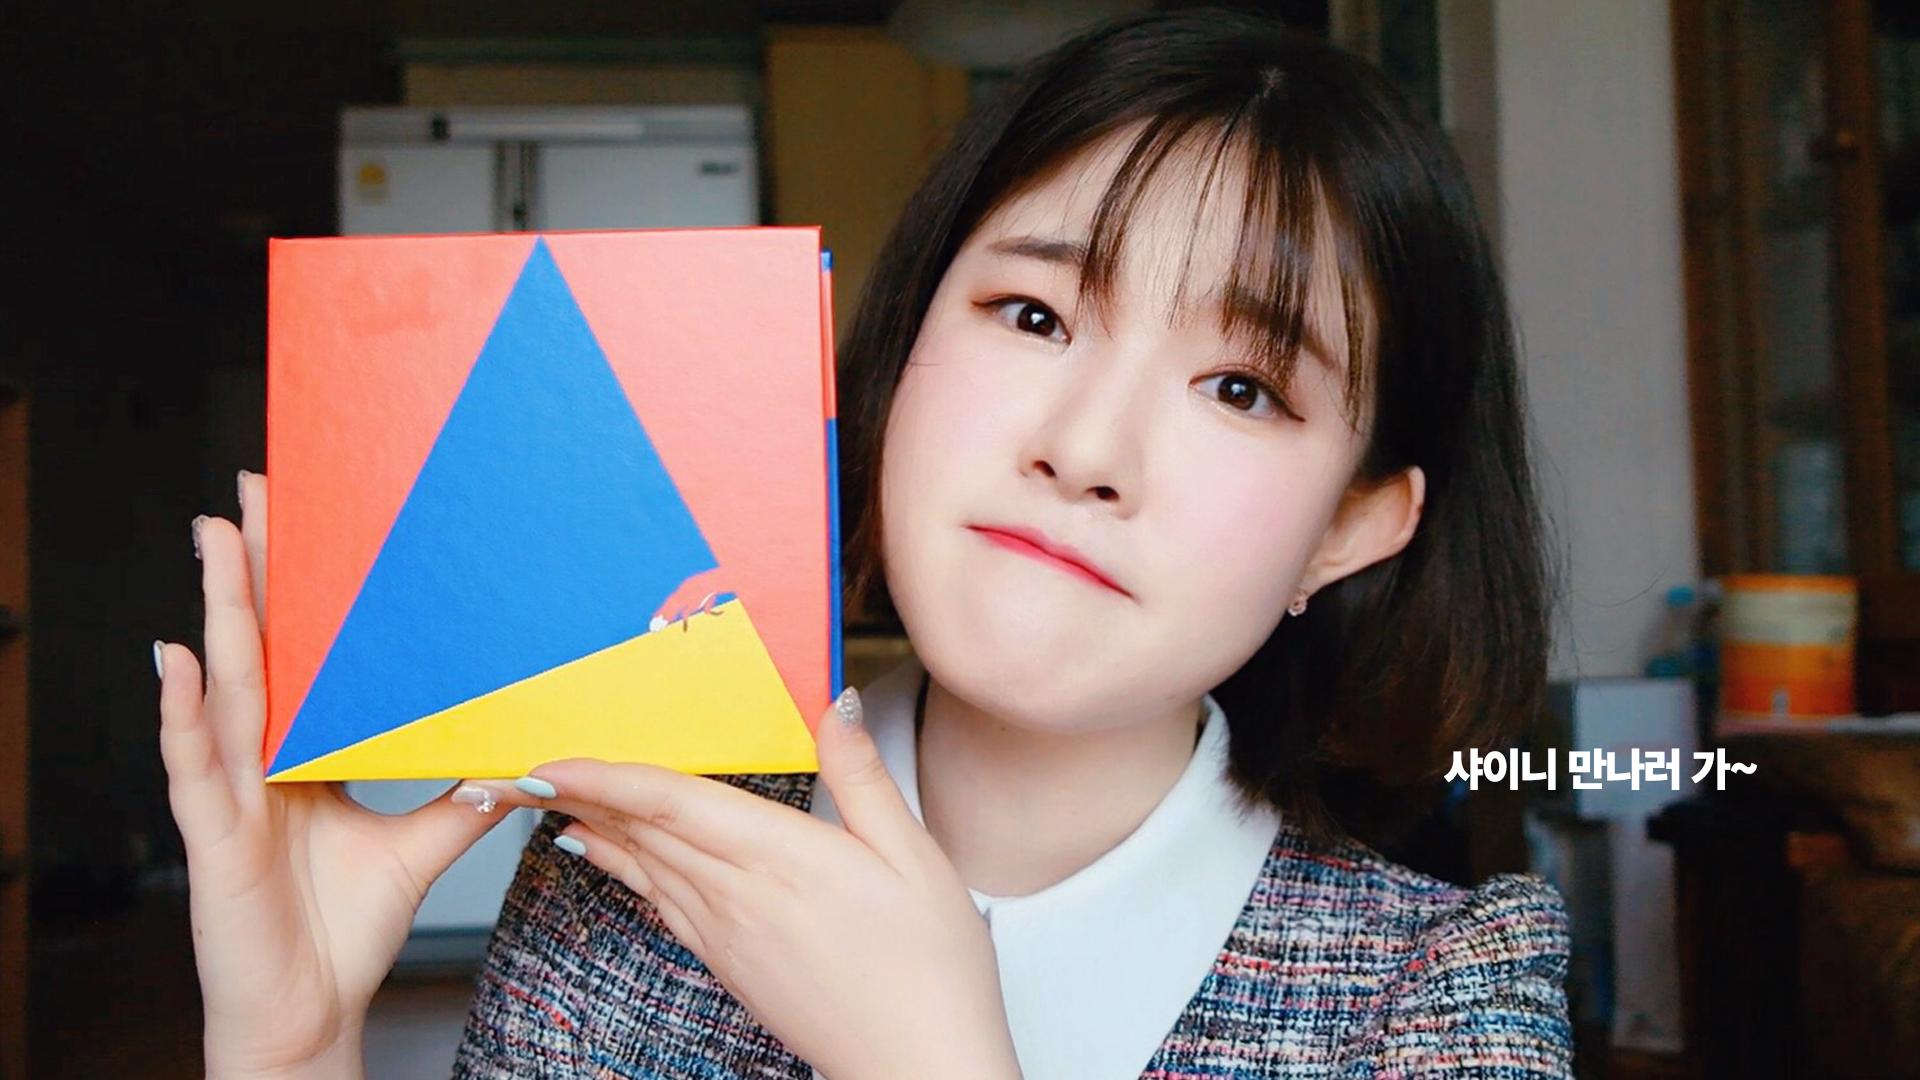 샤이니 SHINee 팬싸인회 같이준비해요 Fan sign event GRWM